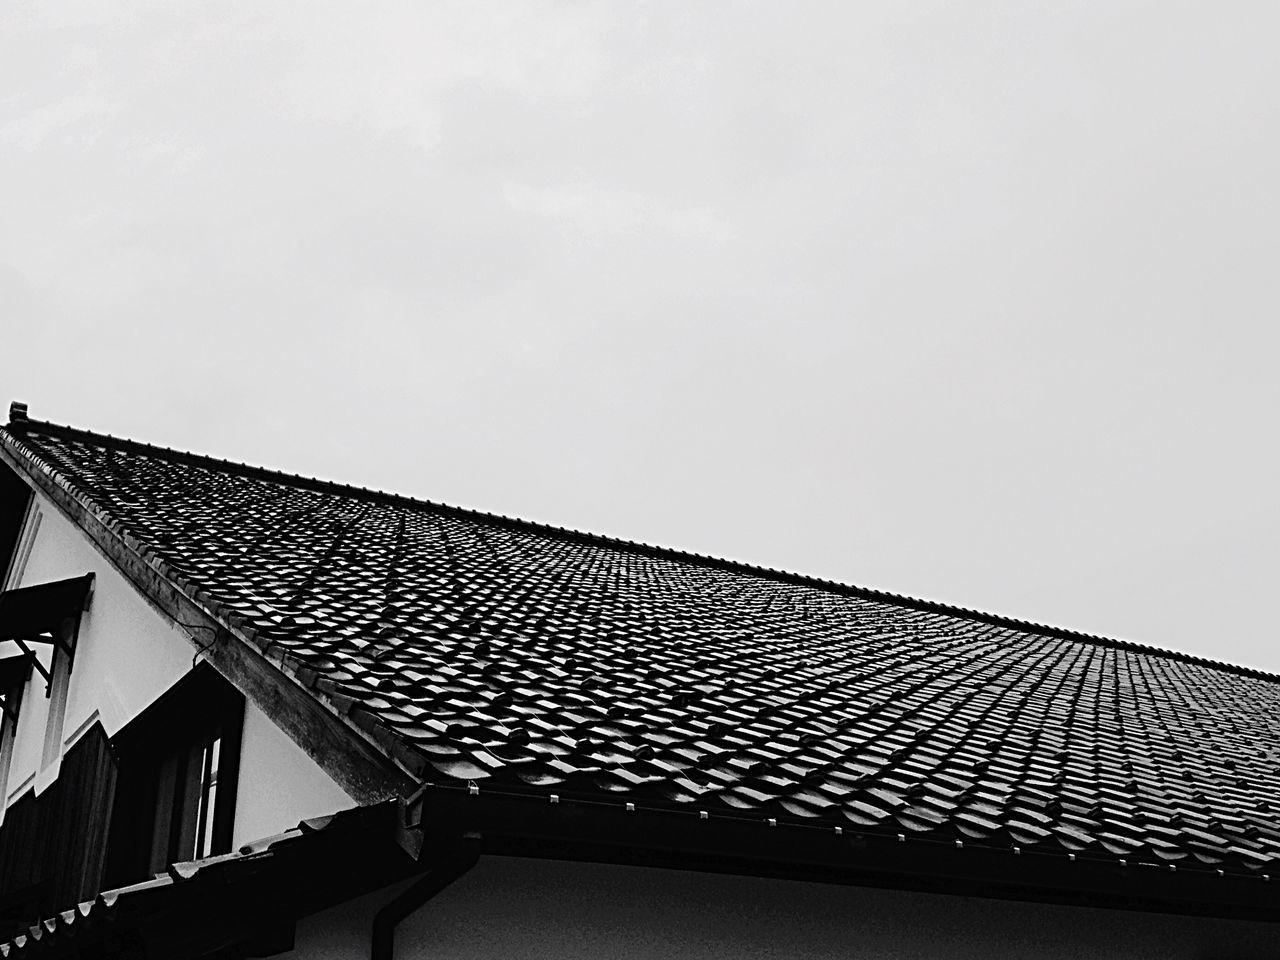 Bnw_friday_eyeemchallenge Roof Tiles